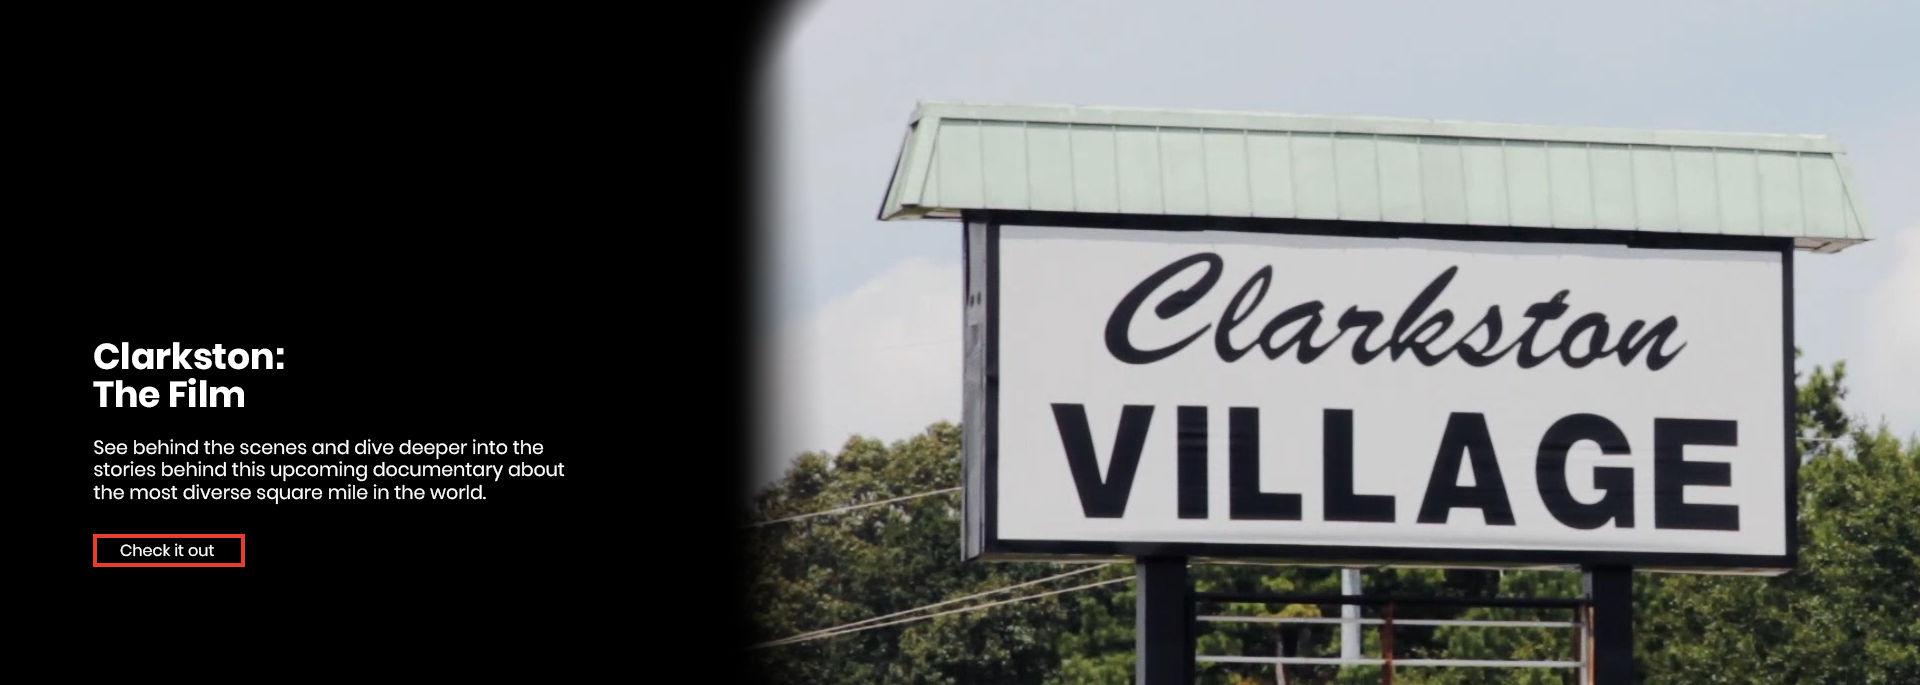 Clarkston Banner